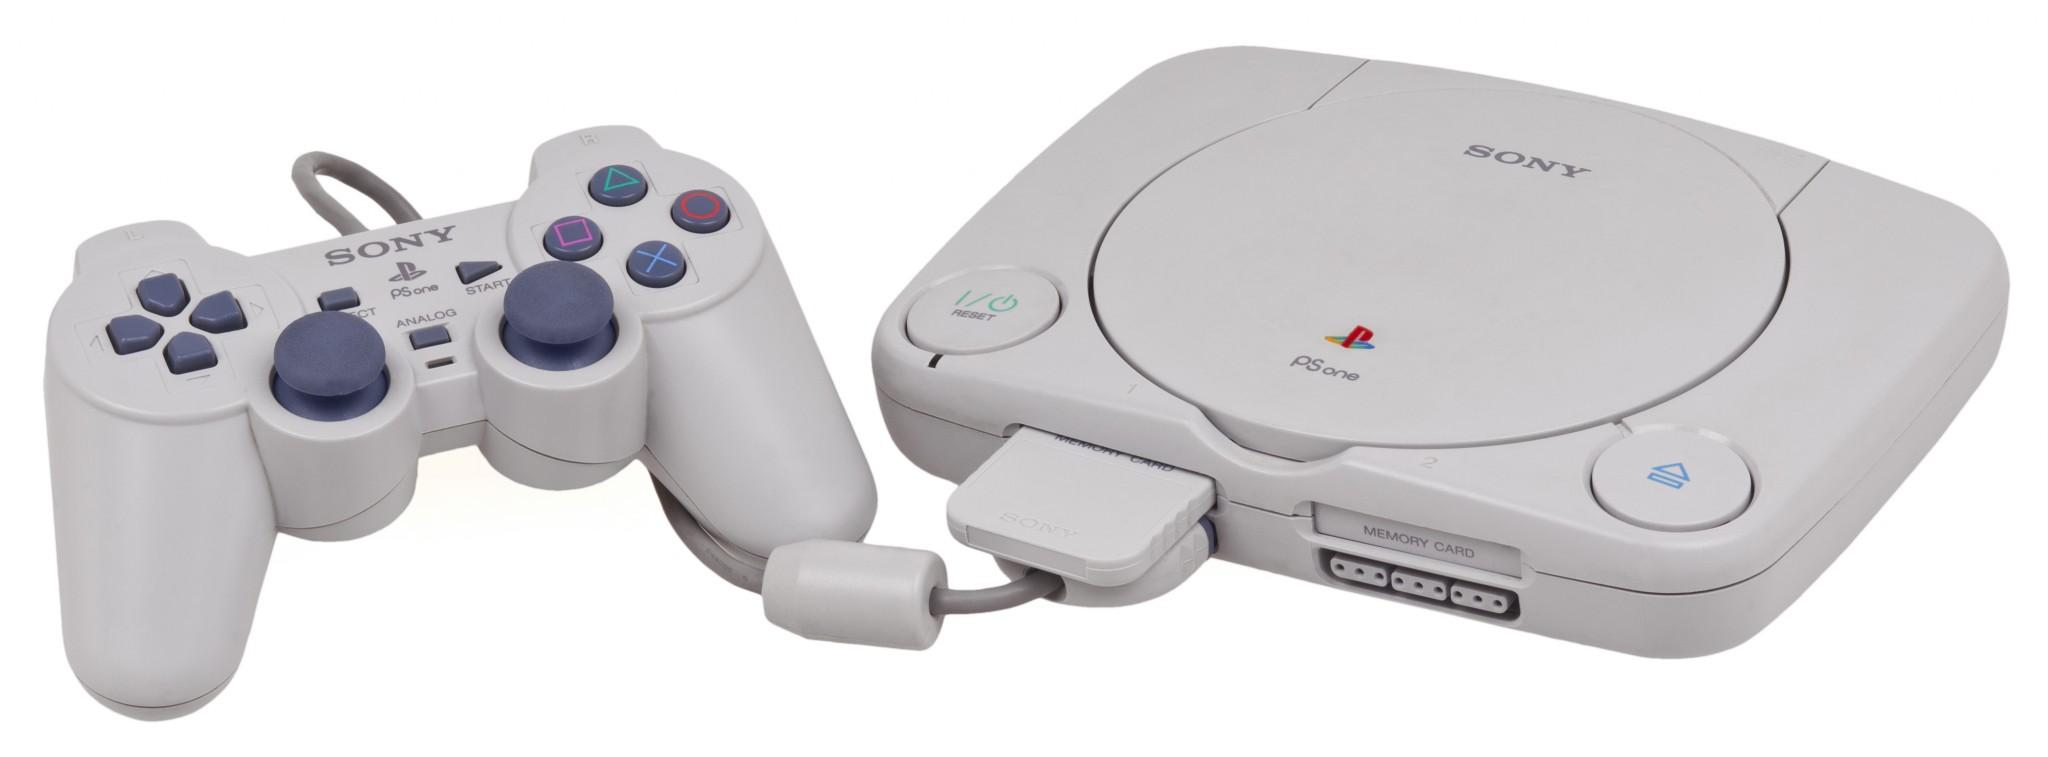 Kompaktniji i daleko lepši PSOne pojavio se 2000. godine kao zamena za stari model